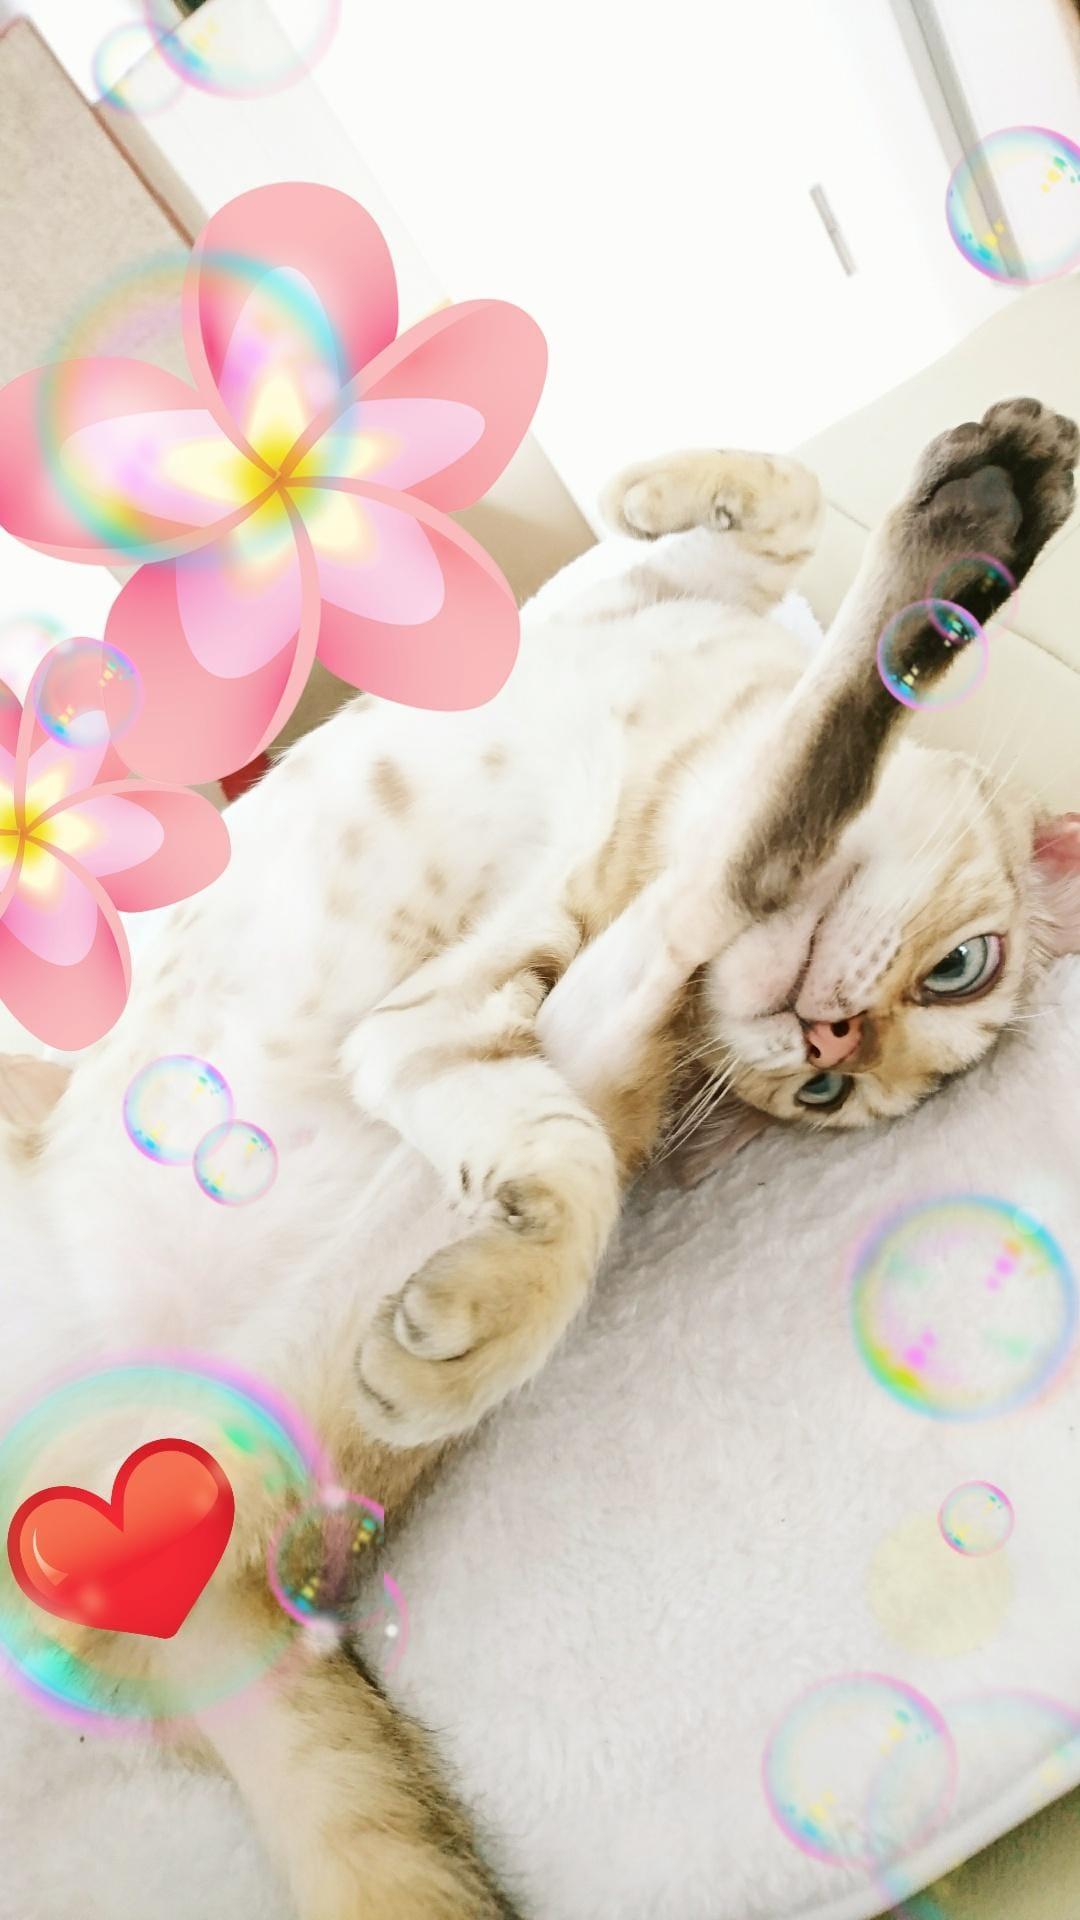 「おはよ〜ございます(*´∇`*)」01/05(01/05) 10:32 | 有村の写メ・風俗動画